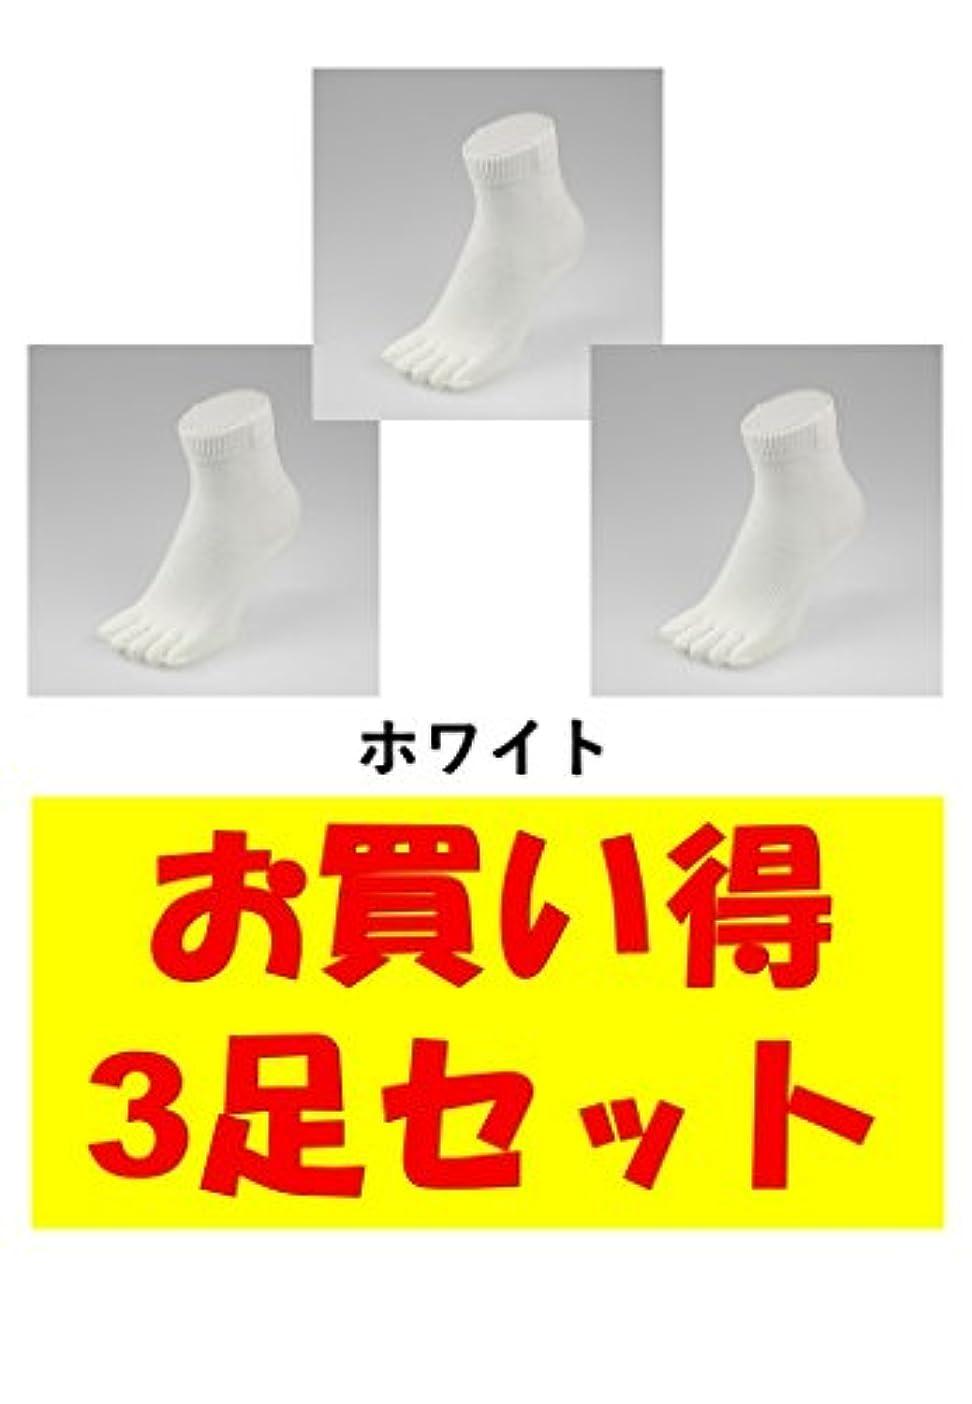 サンダルメールリストお買い得3足セット 5本指 ゆびのばソックス Neo EVE(イヴ) ホワイト Sサイズ(21.0cm - 24.0cm) YSNEVE-WHT